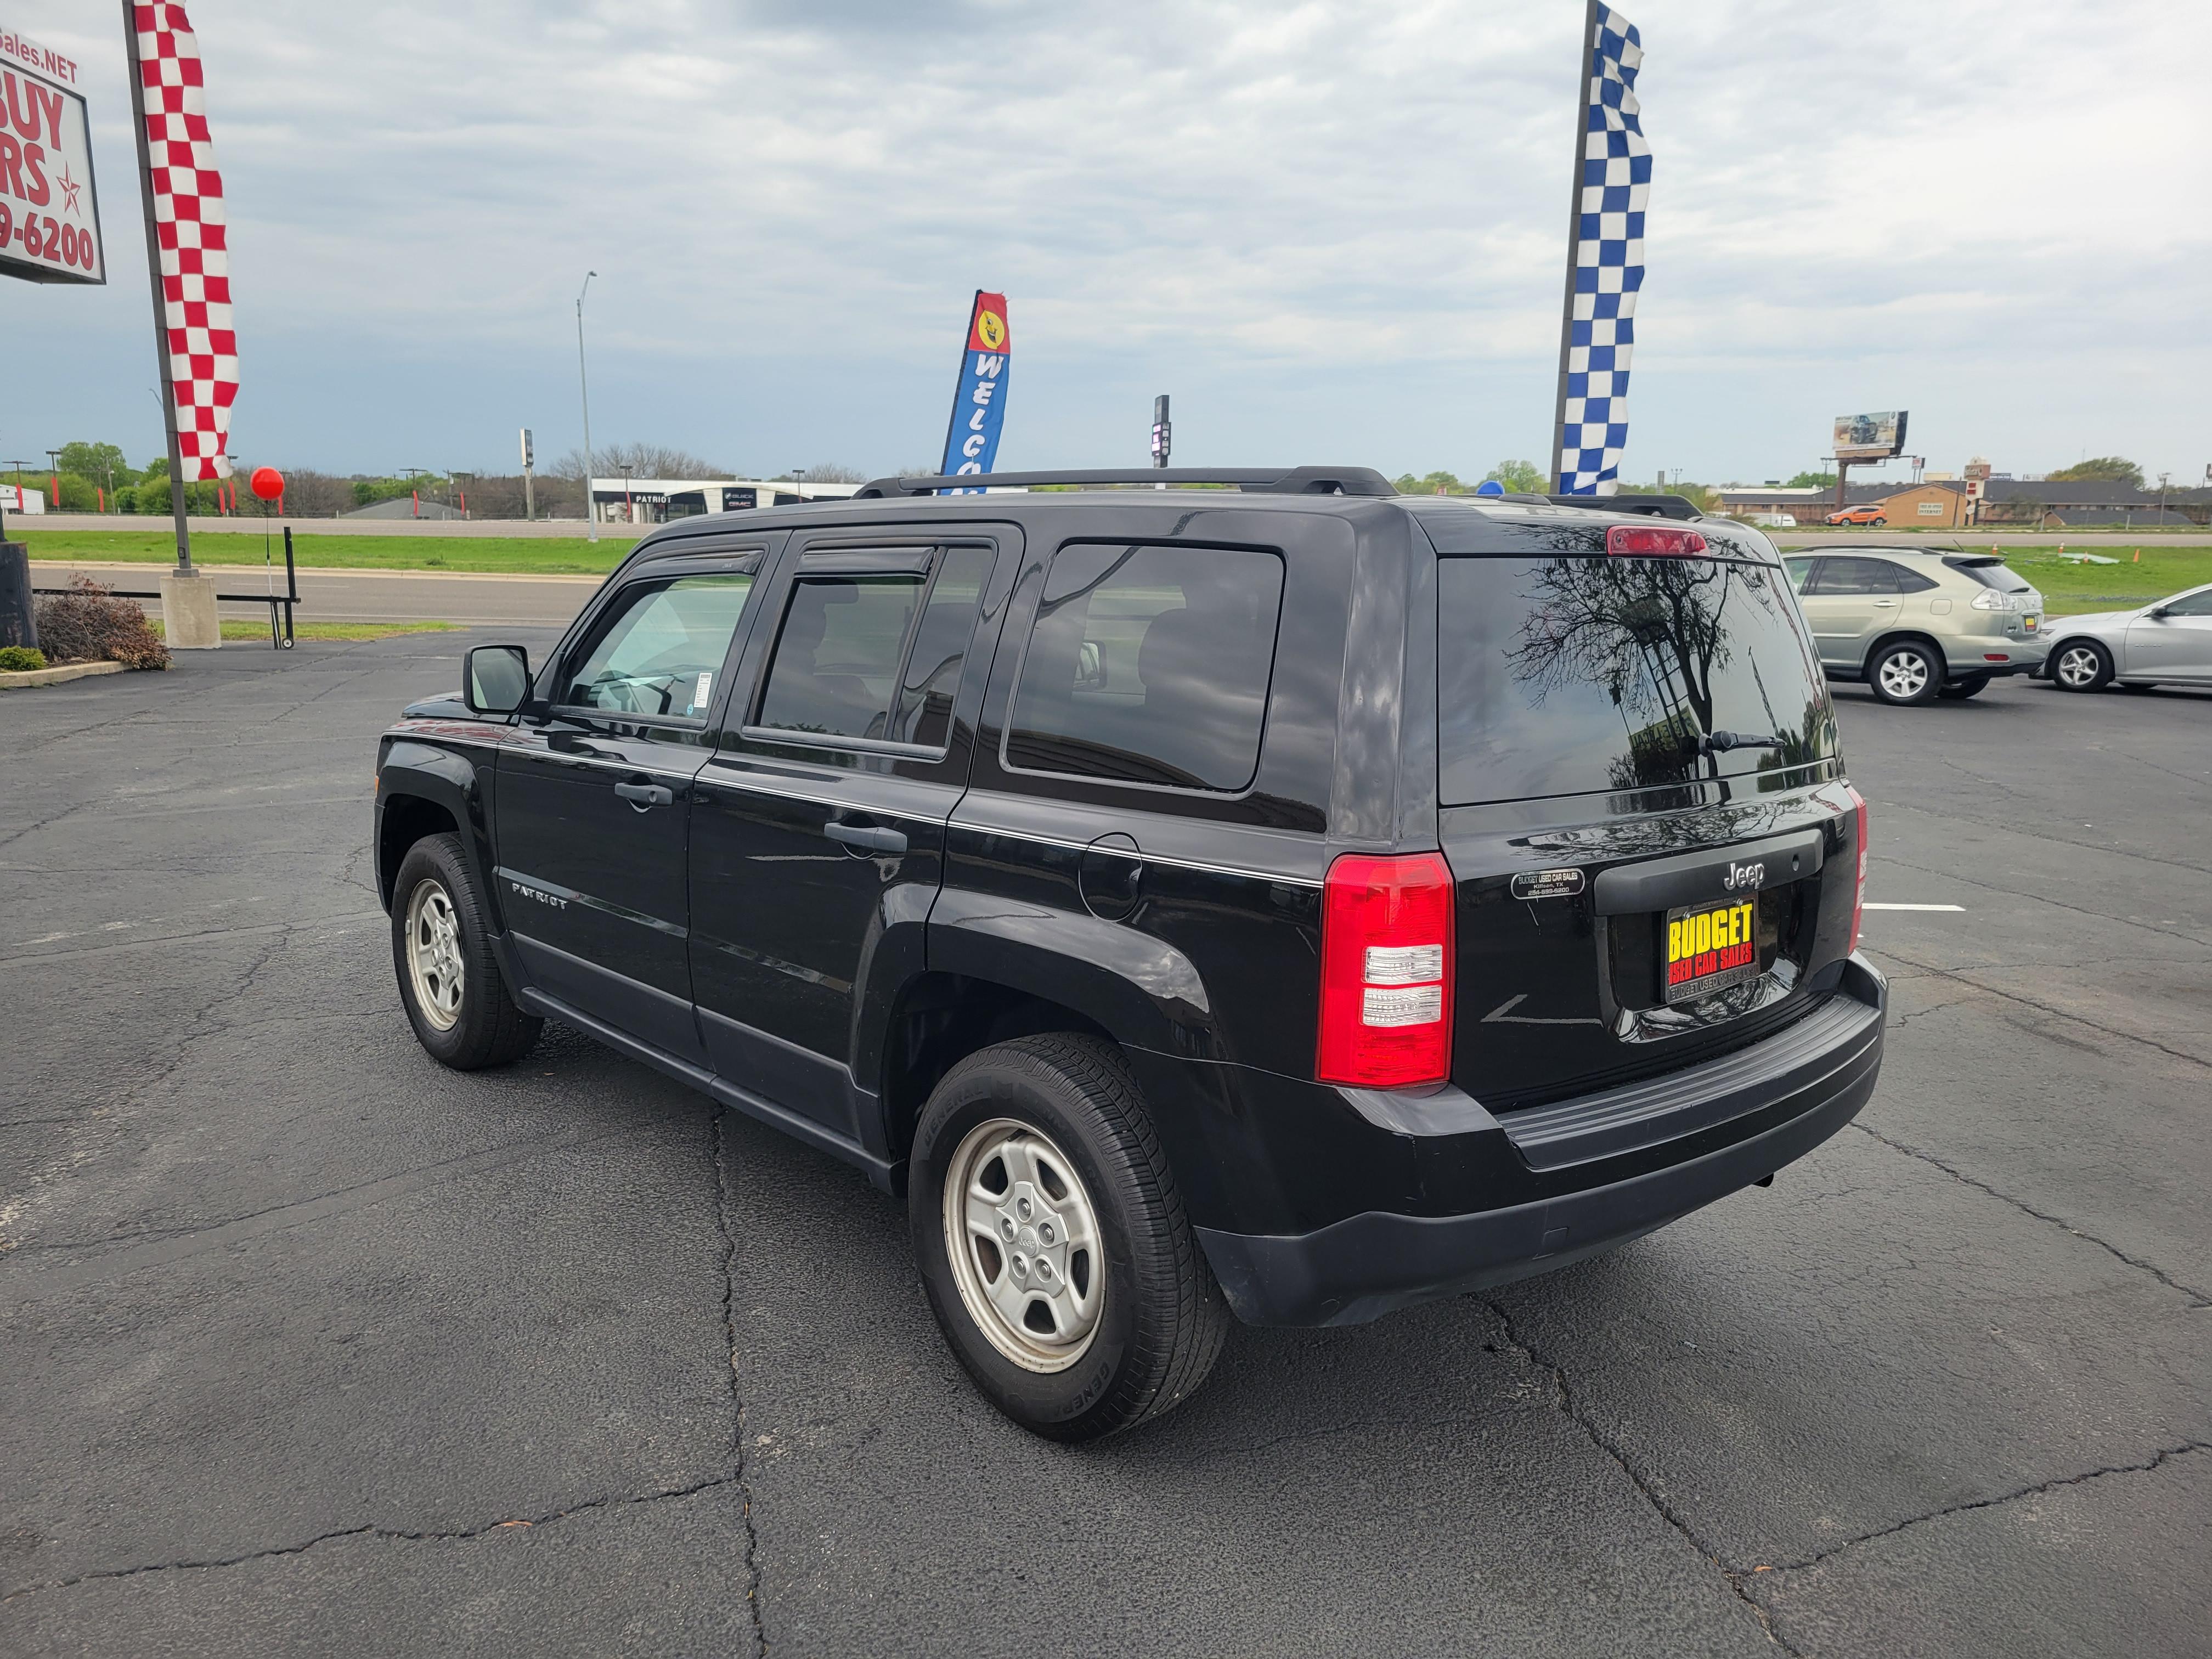 used vehicle - SUV JEEP PATRIOT 2016